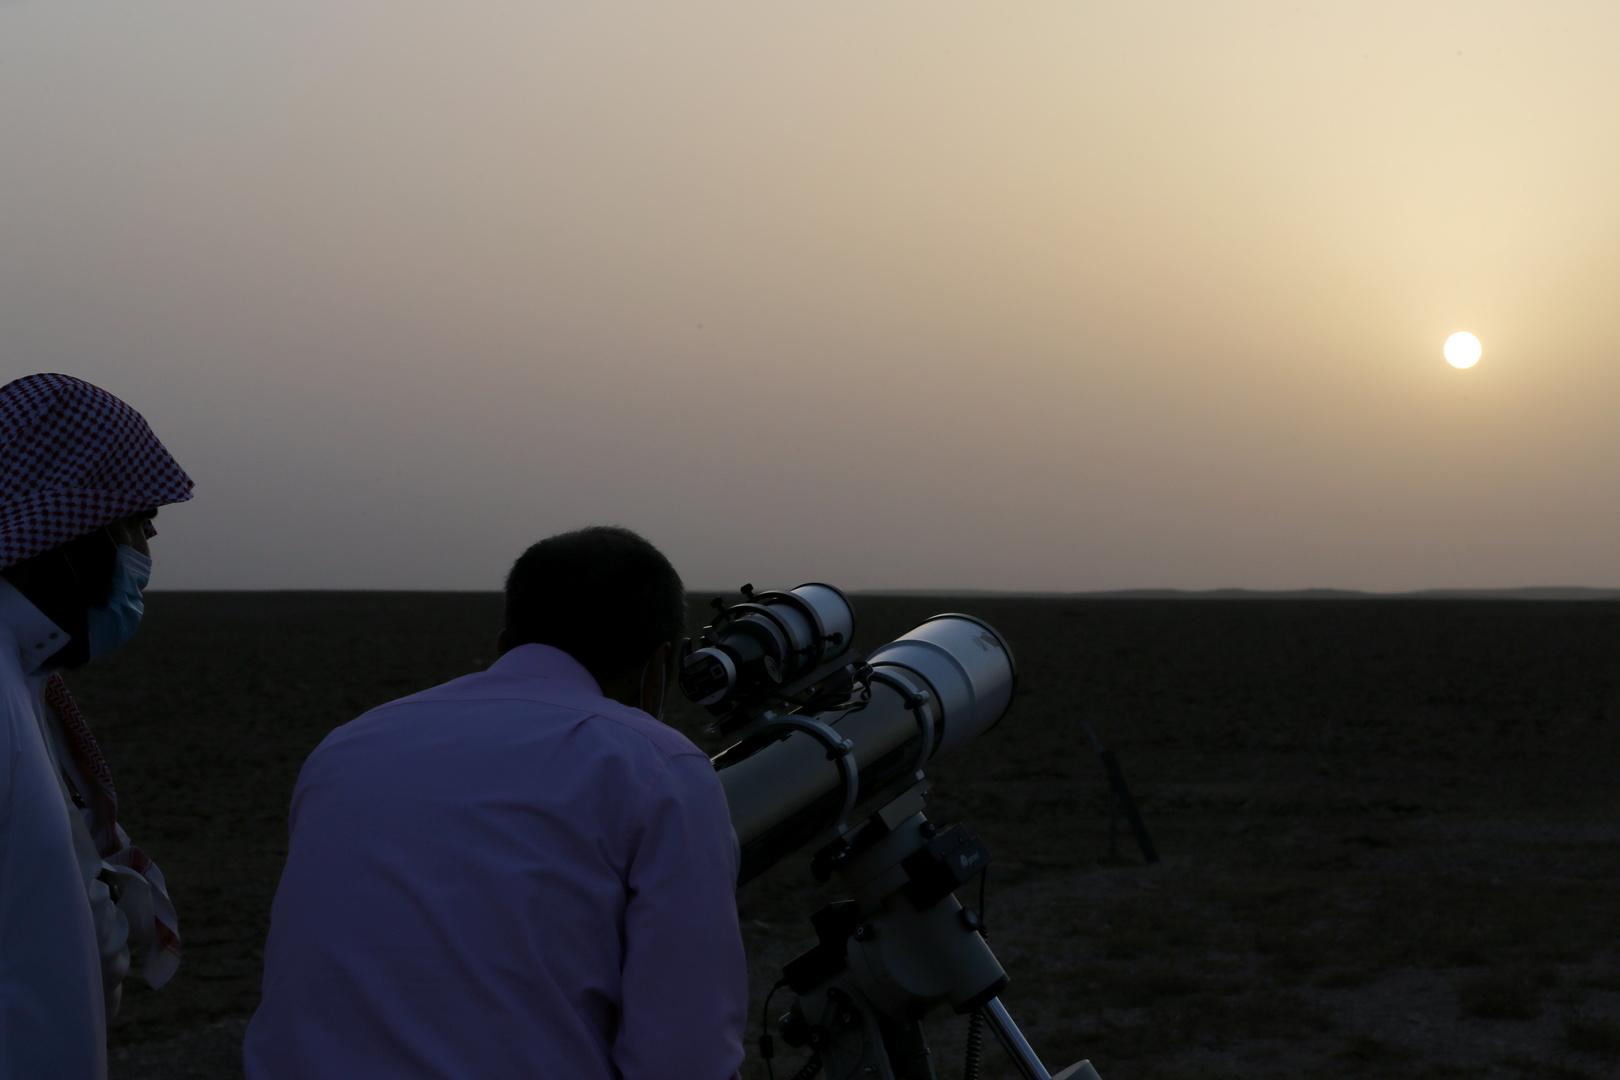 الجمعية الفلكية بجدة: سماء السعودية والوطن العربي ستشهد أقرب اقتران بين كوكبين